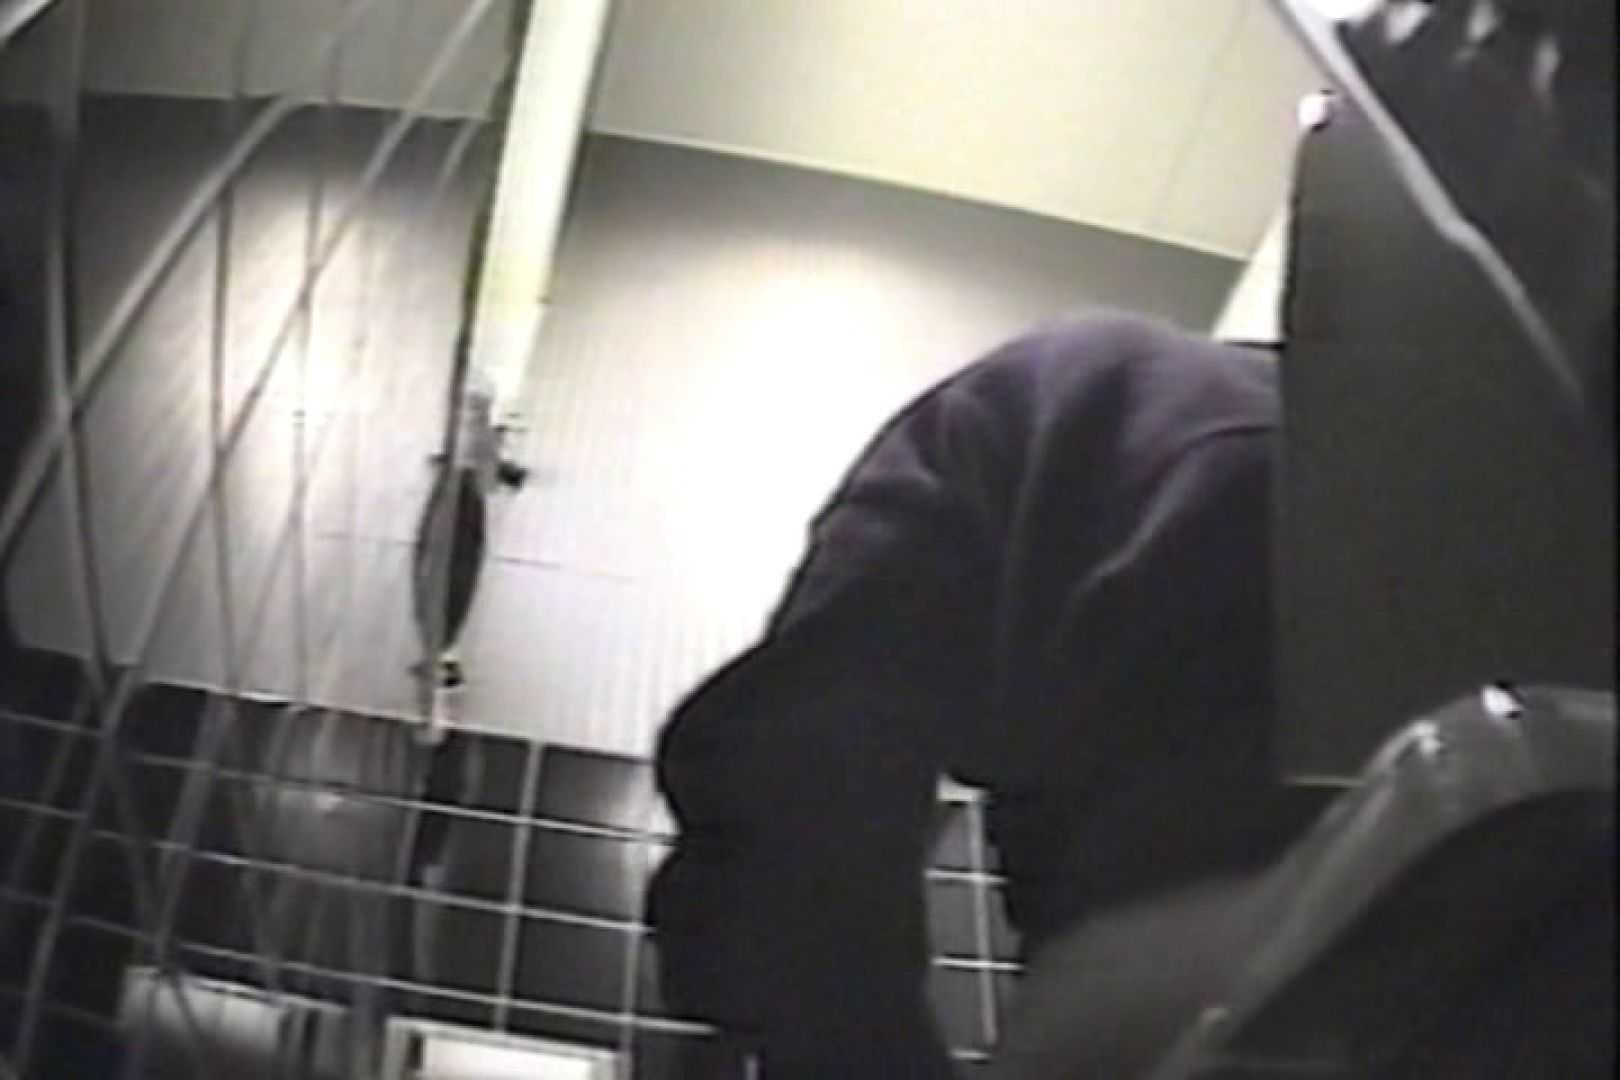 盗撮 女子洗面所3ヶ所入ってしゃがんで音出して 洗面所 盗み撮りAV無料動画キャプチャ 67pic 3